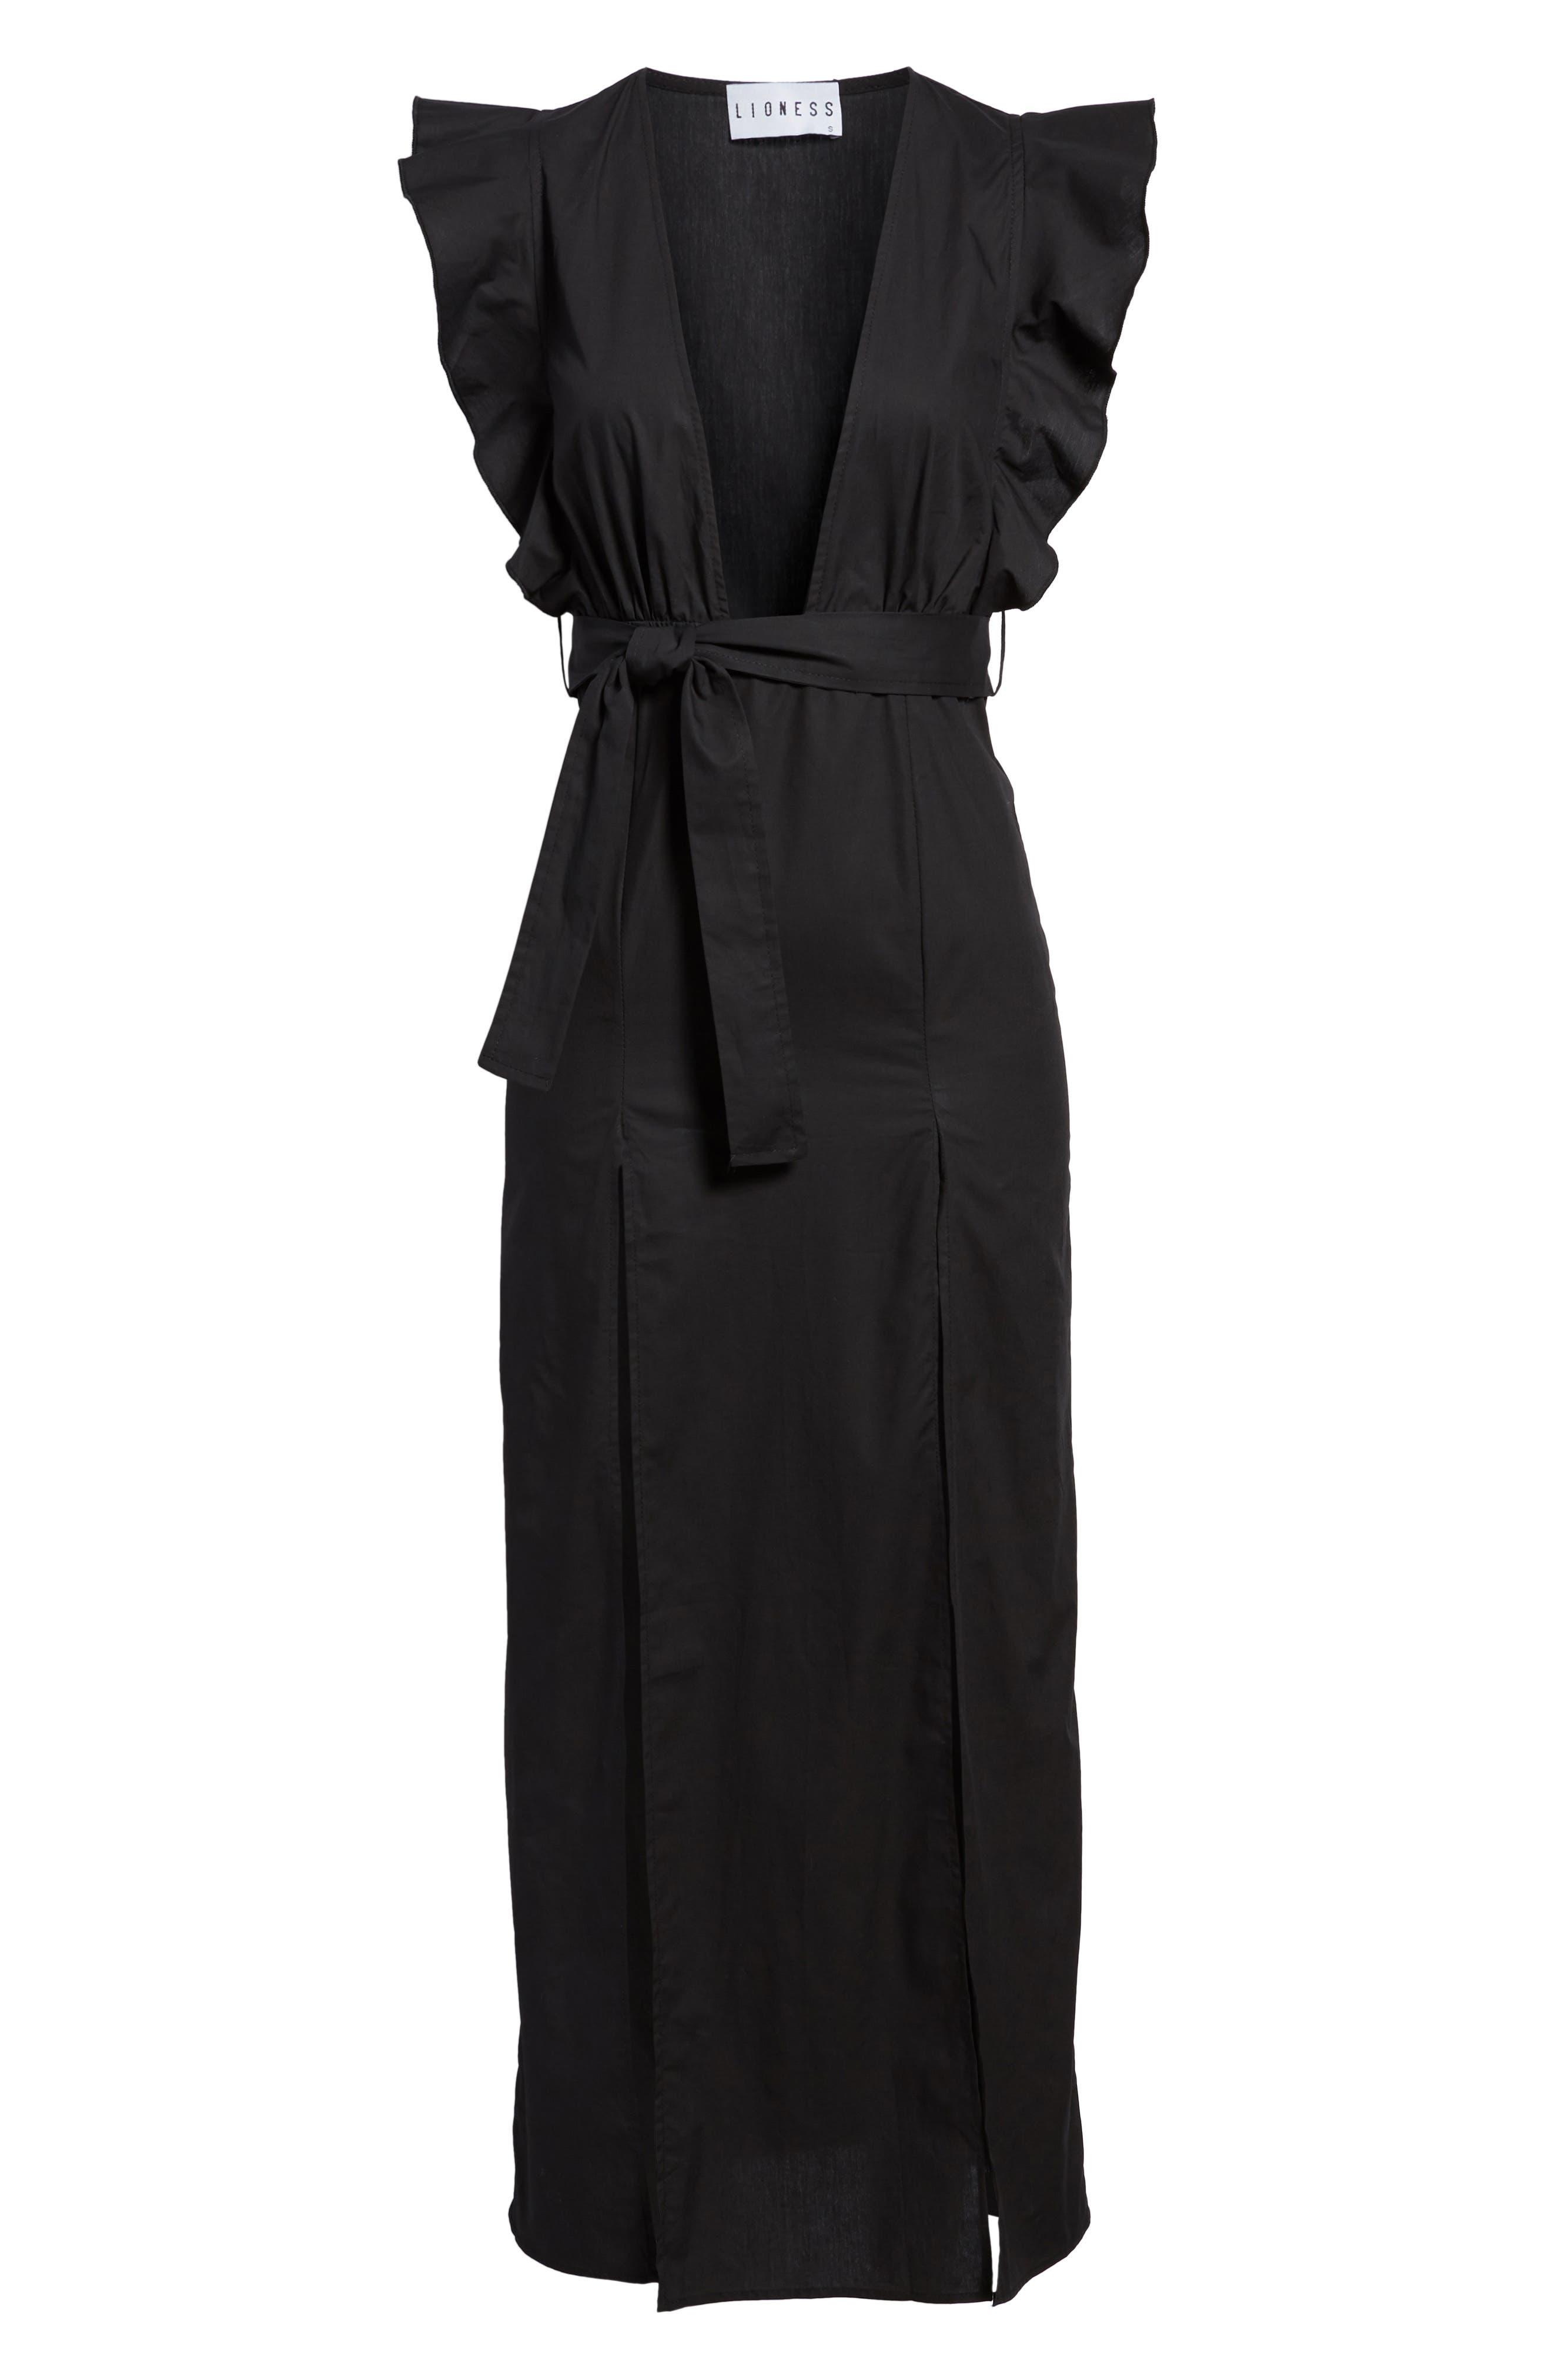 Delilah Maxi Dress,                             Alternate thumbnail 6, color,                             003